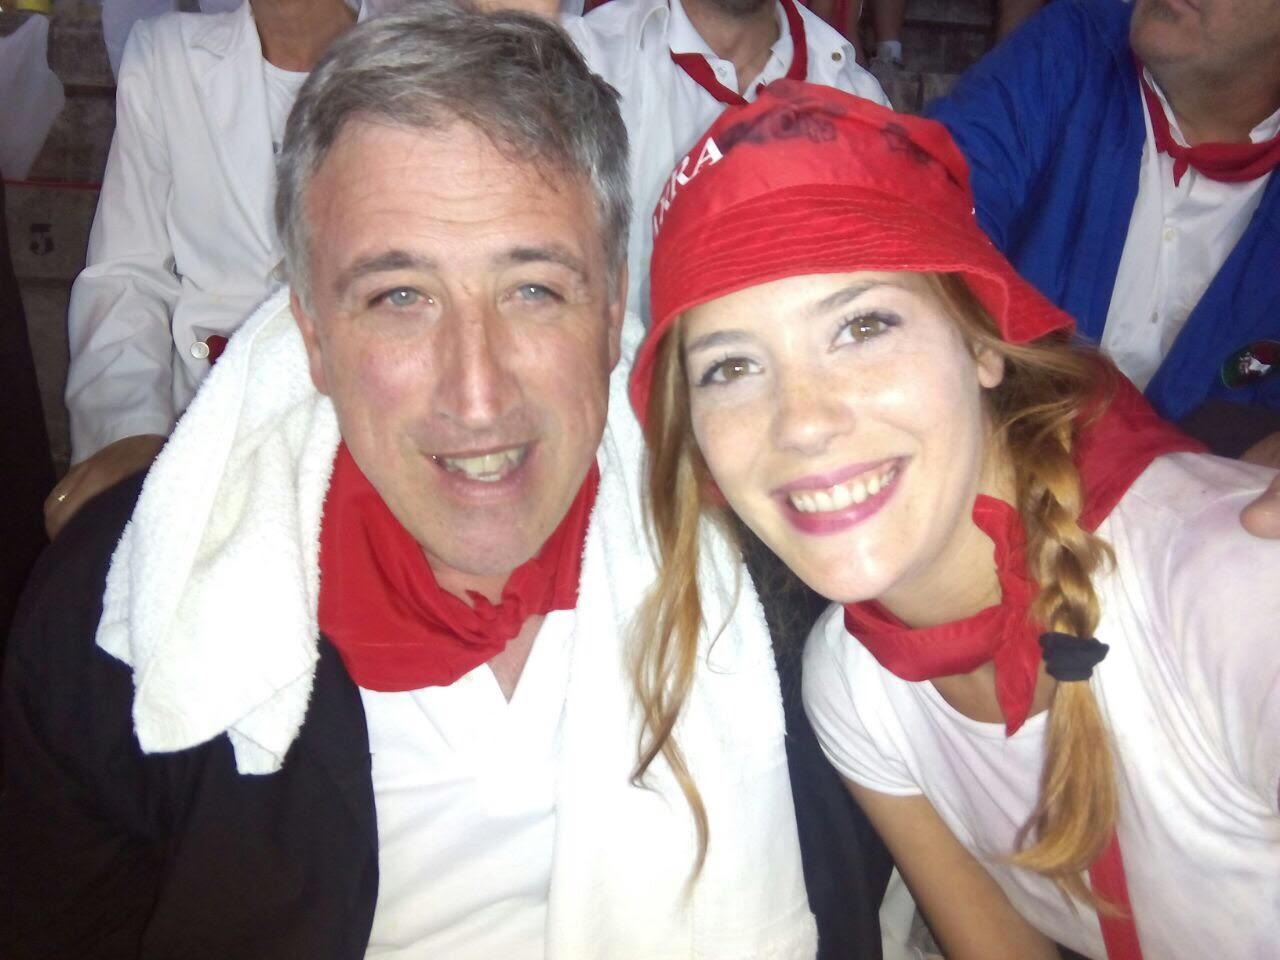 El alcalde de Pamplona Joseba Asirón en la andanada en manos del selfie de Leire Sádaba.